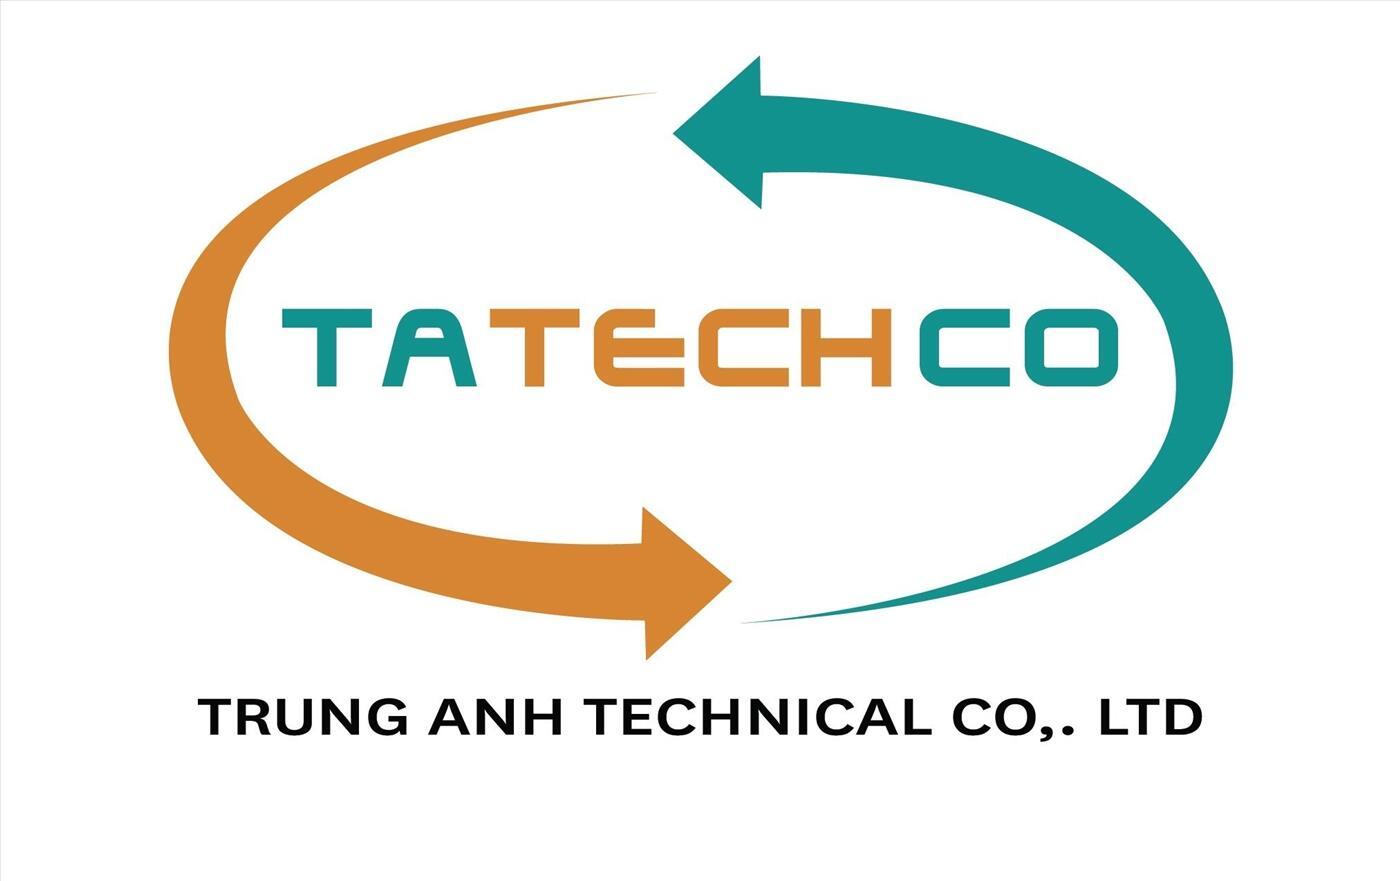 Công ty TNHH thiết bị kỹ thuật và sản xuất Trung Anh